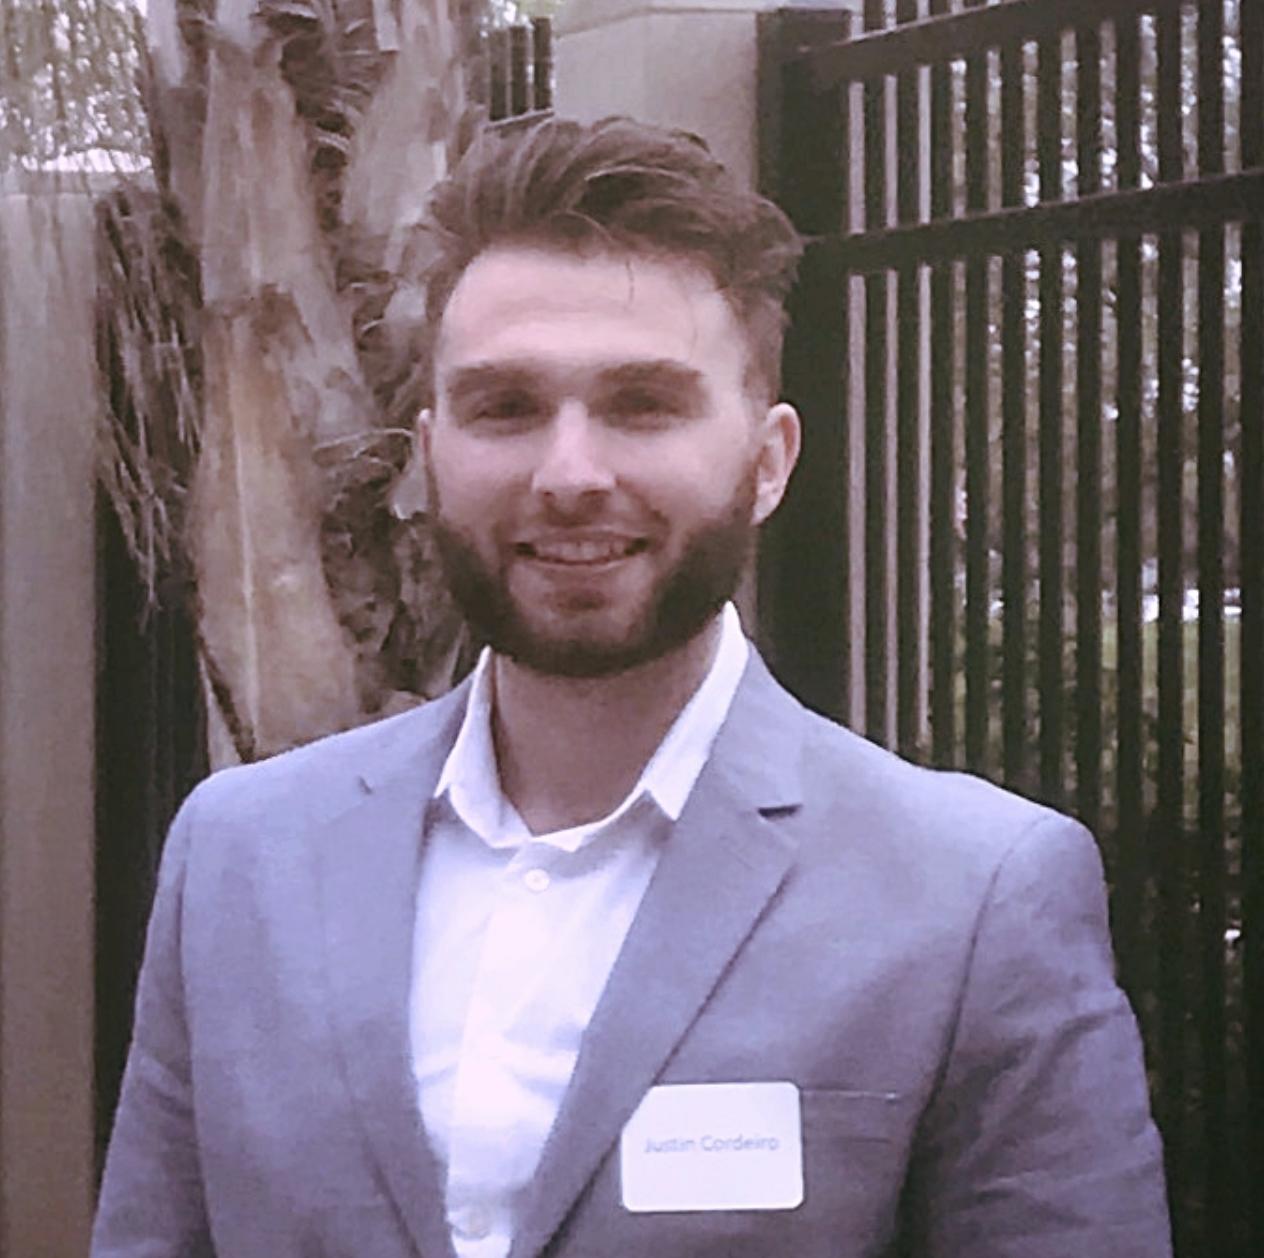 Justin Cordeiro, Summer UndergraduateStudent (CSU Bakersfield)